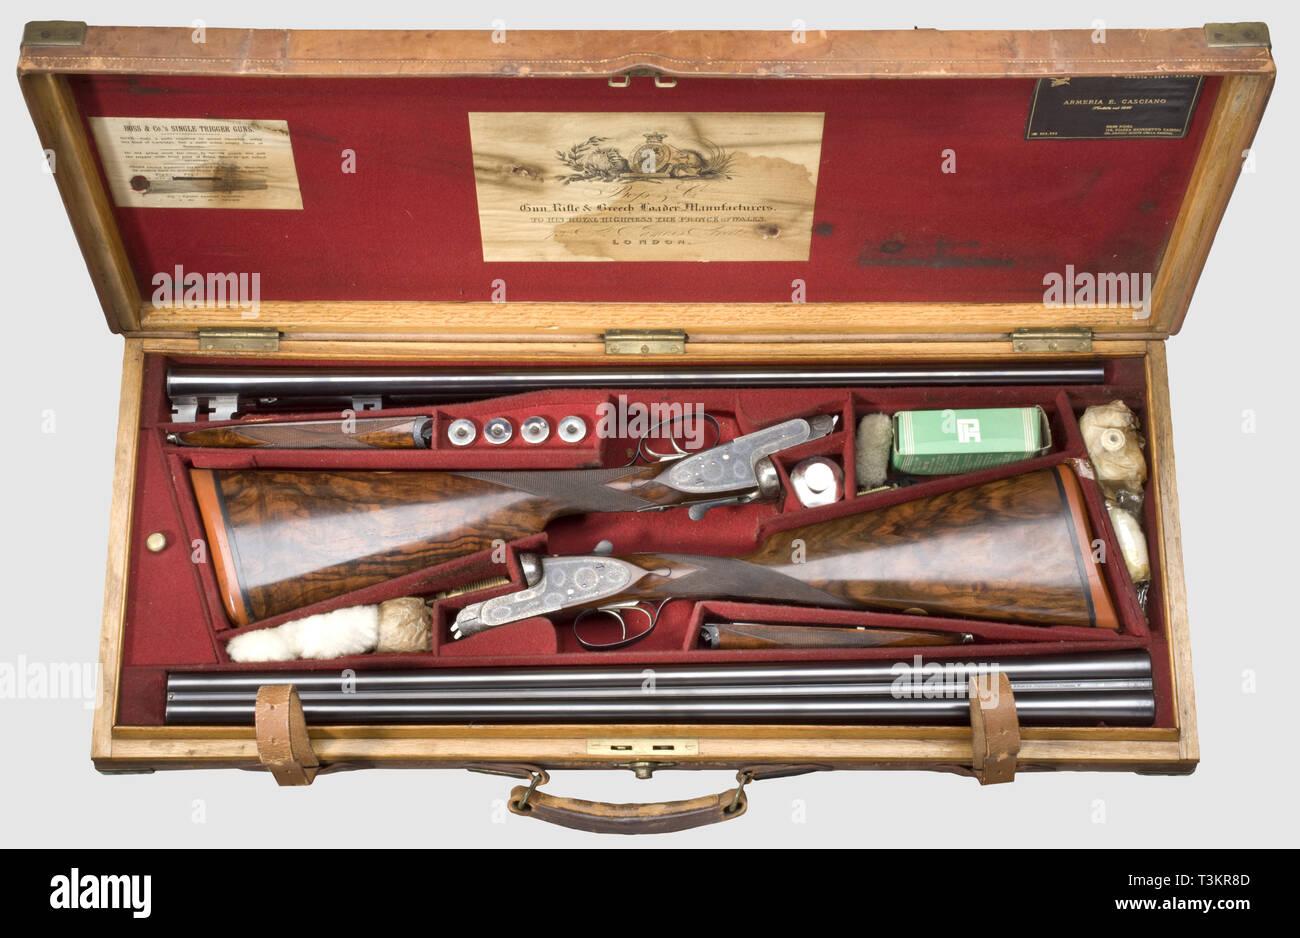 Ruger Ranch gevär dating